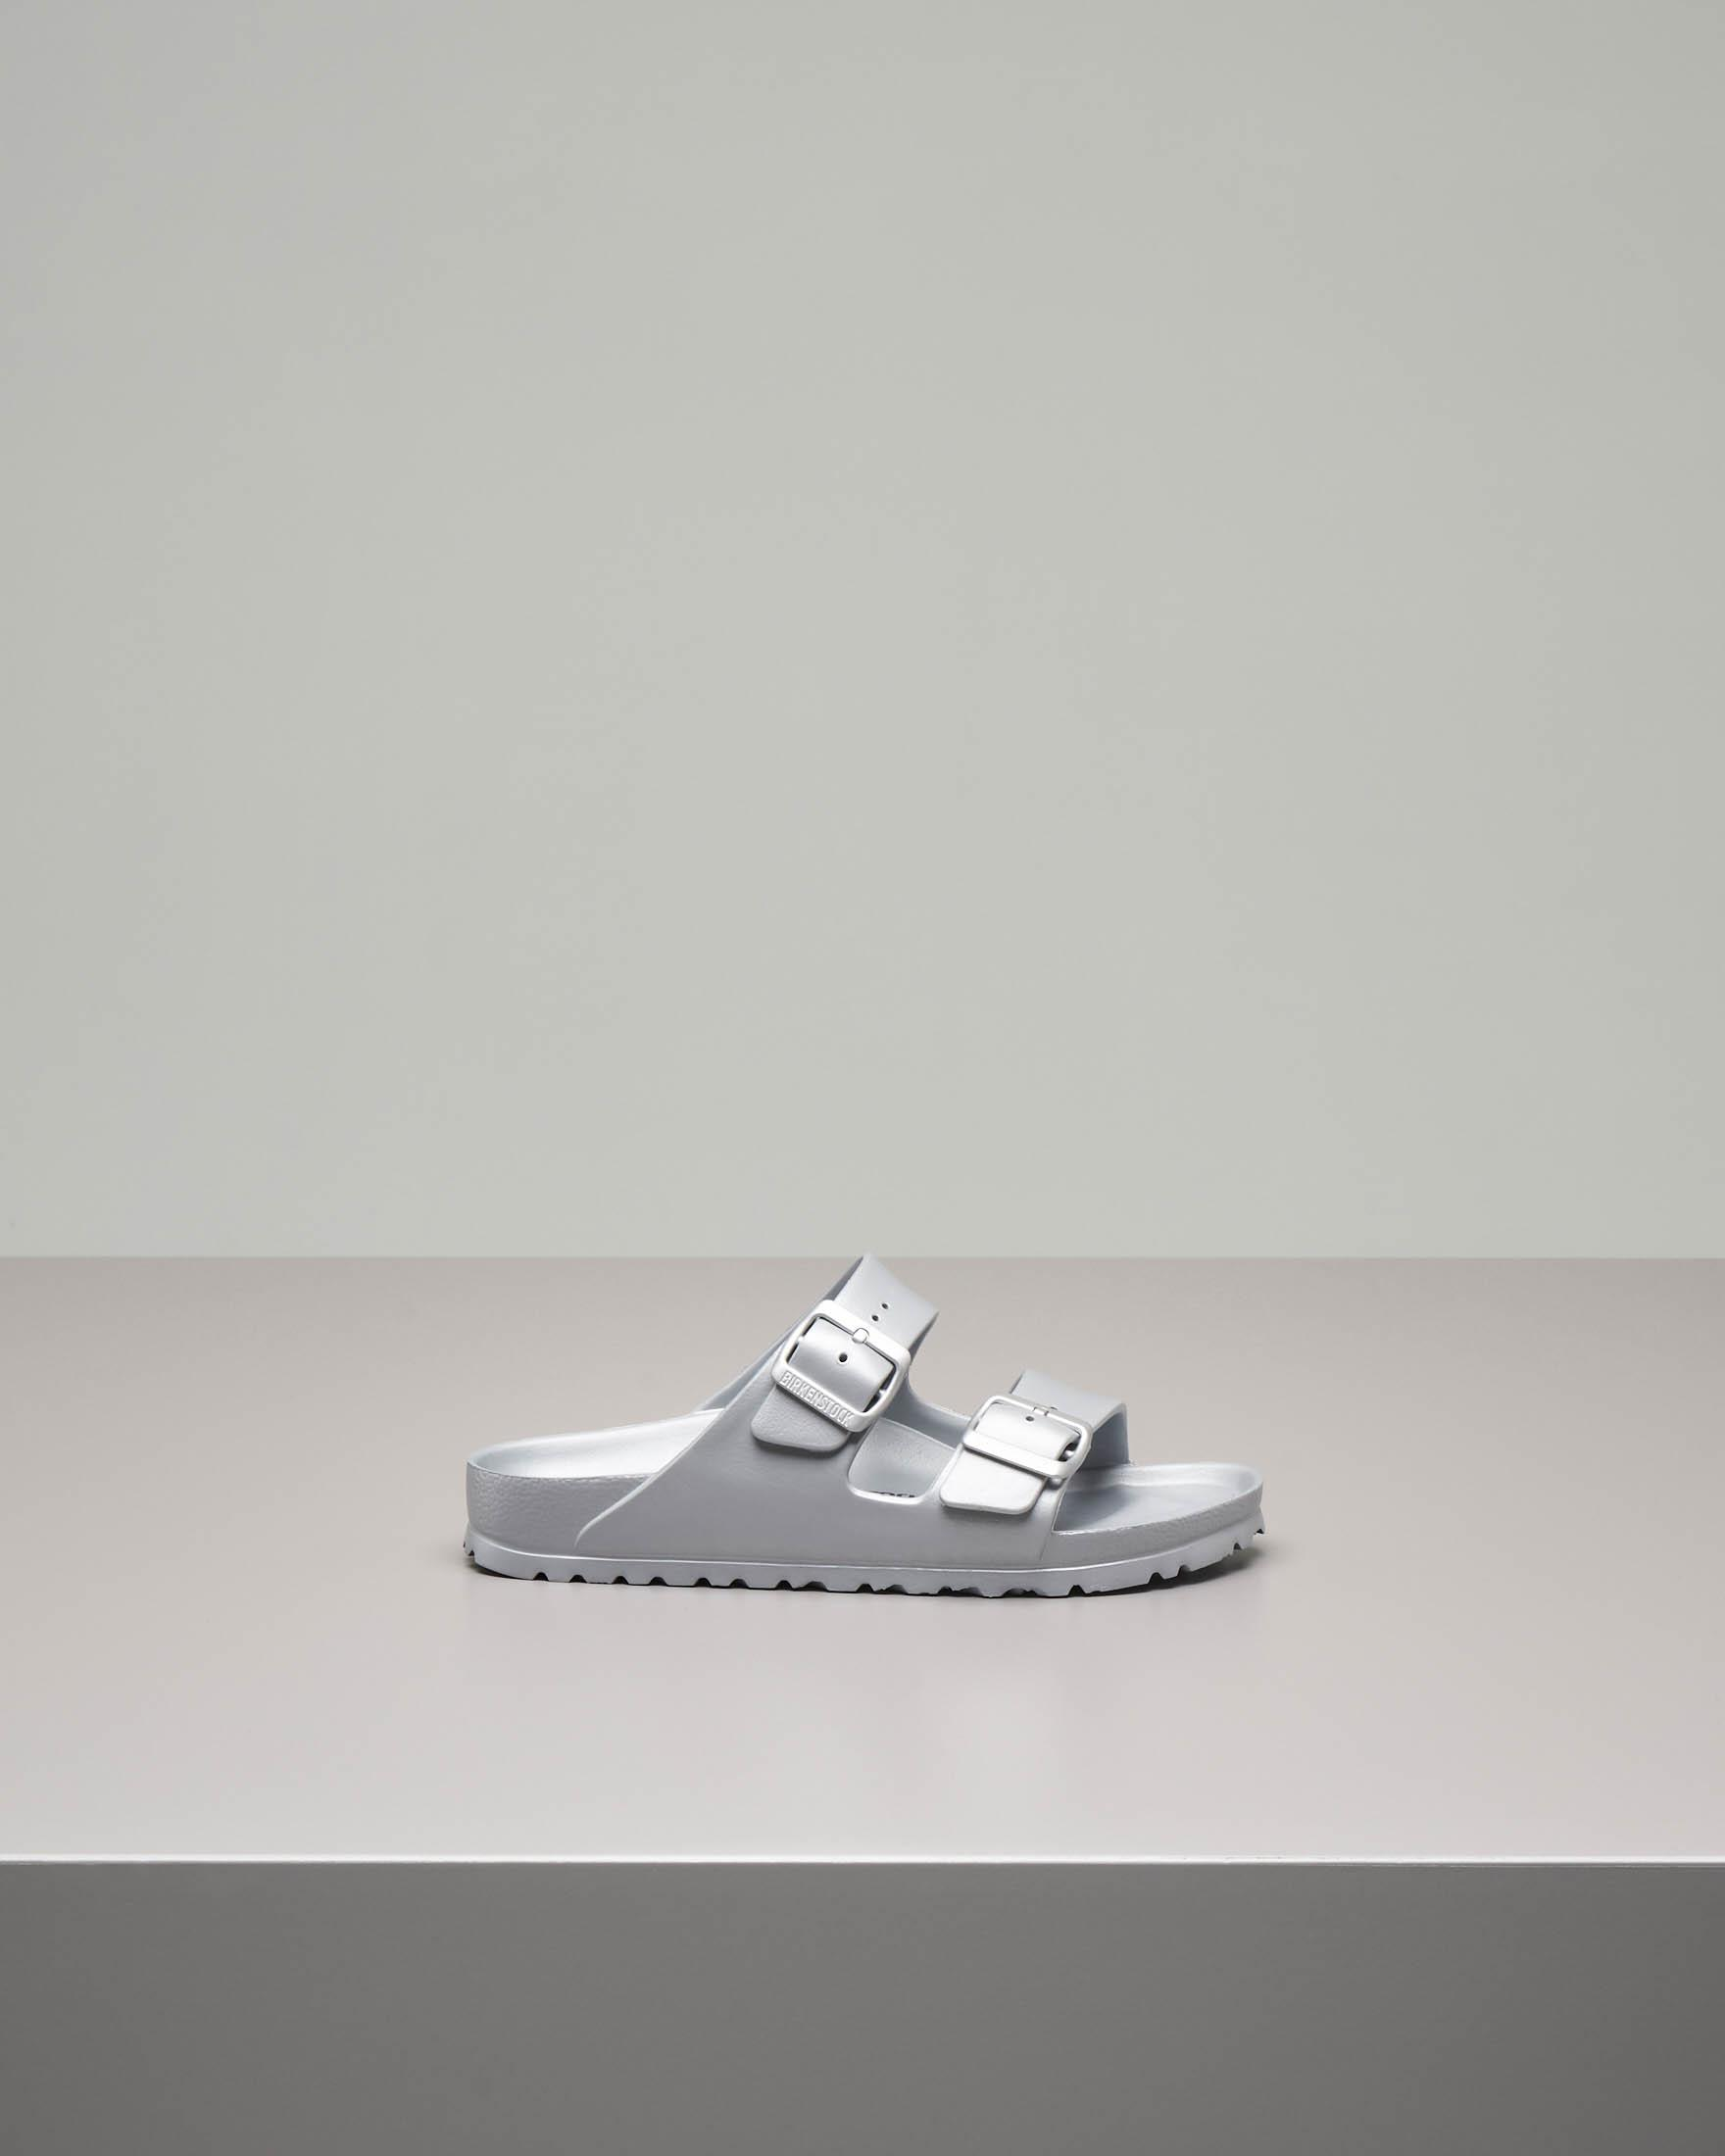 Sandalo Arizonain EVA color argento con doppia fascetta